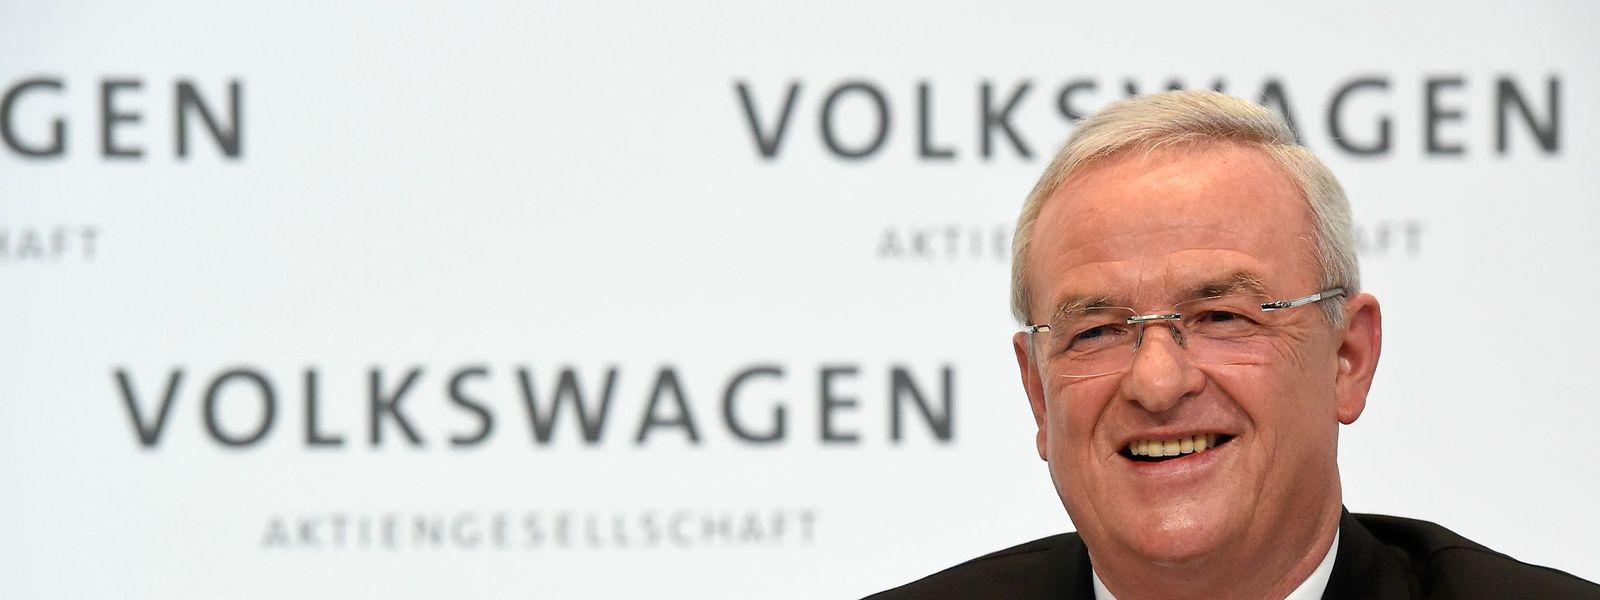 Martin Winterkorn ist einer von fünf führenden VW-Managern, die im Diesel-Skandal auf der Anklagebank sitzen.